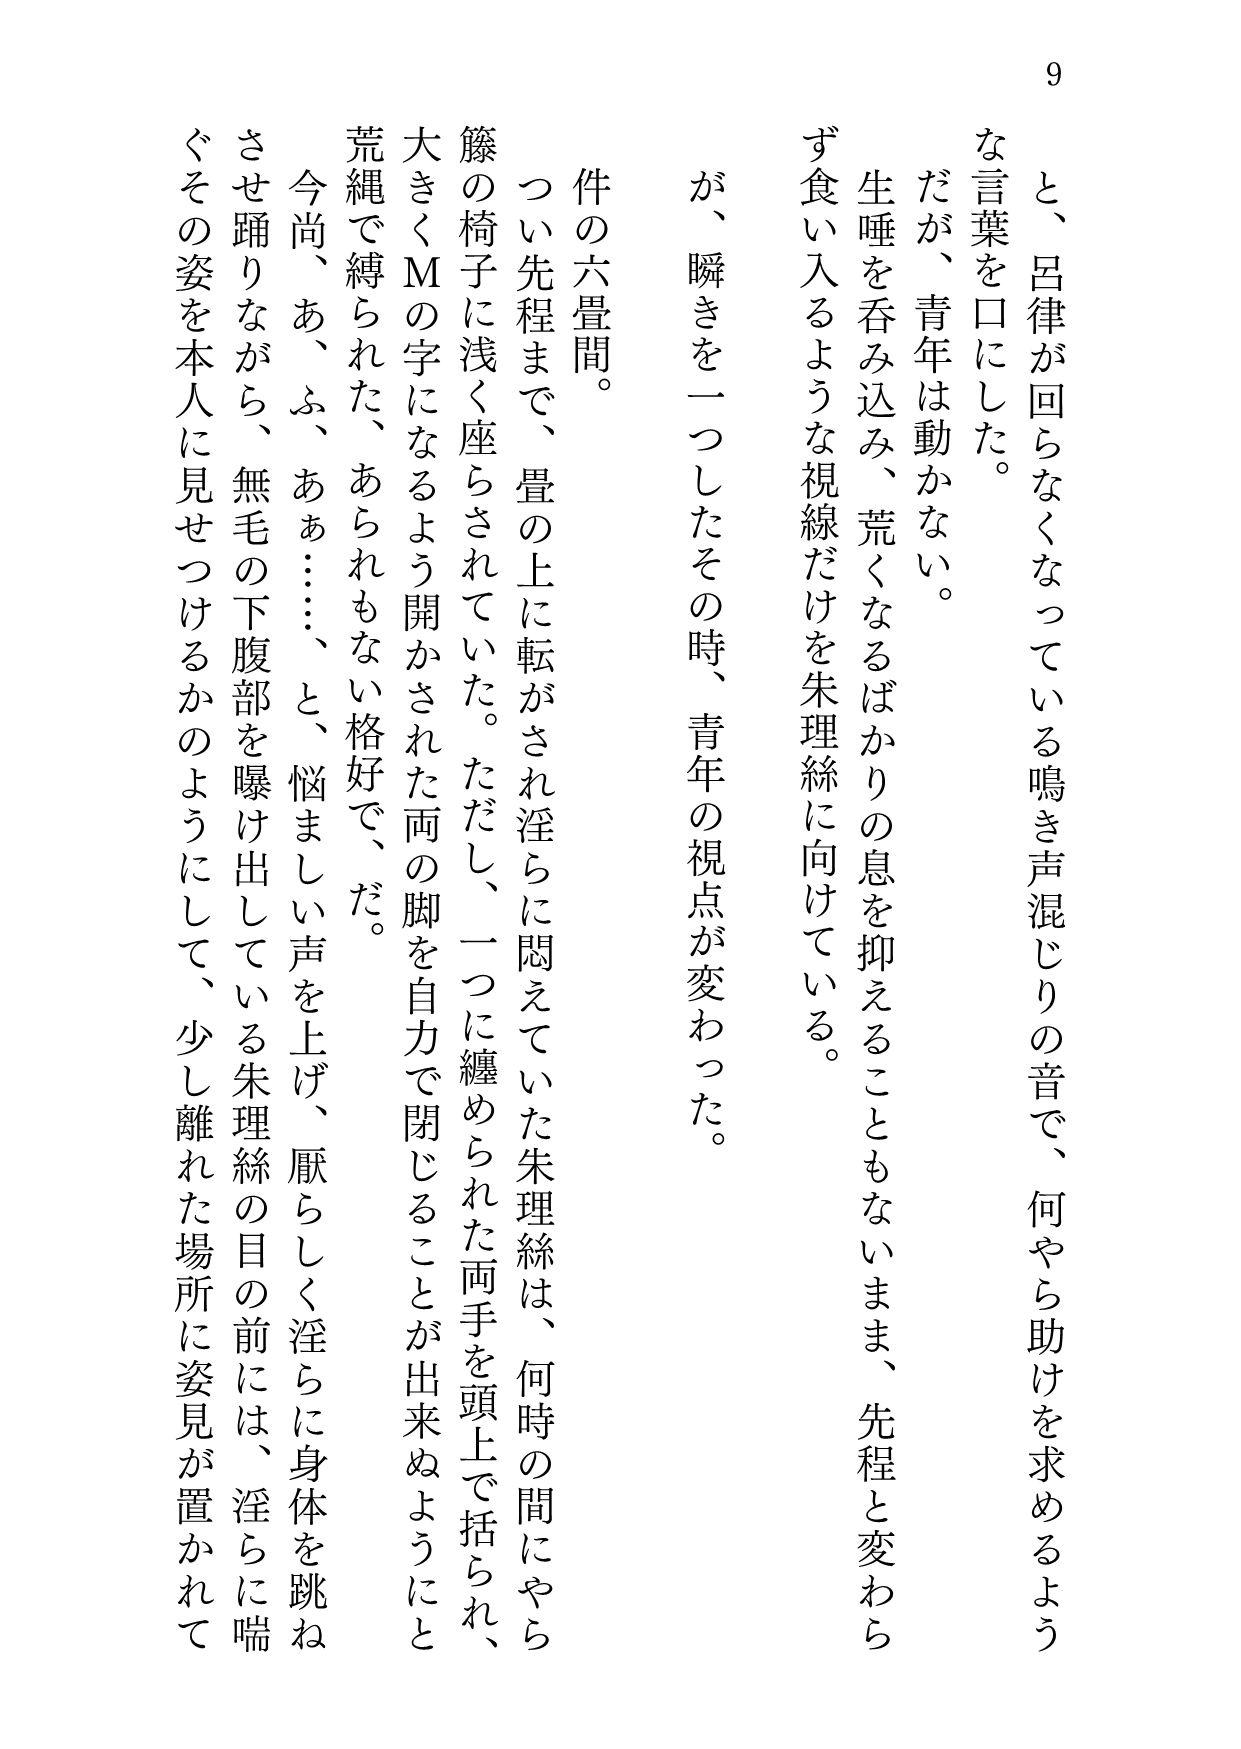 マナツニミルマヒルノユメのサンプル画像7